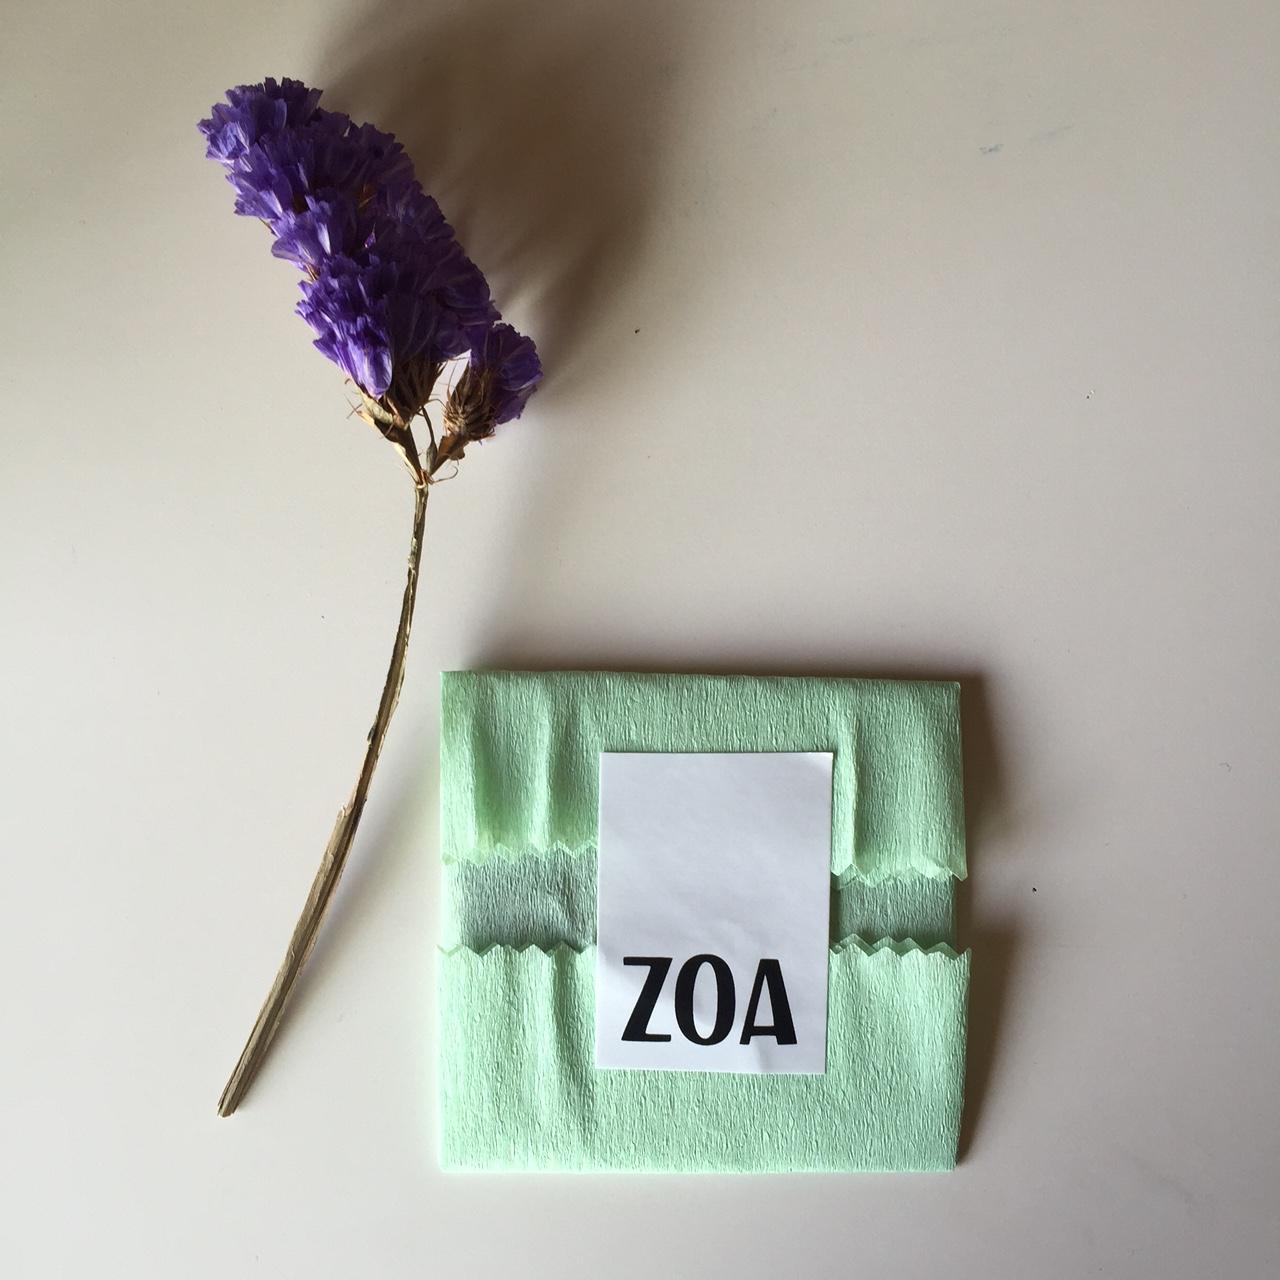 Te apuntas al sorteo de una ZOA?!-15873-belasabela